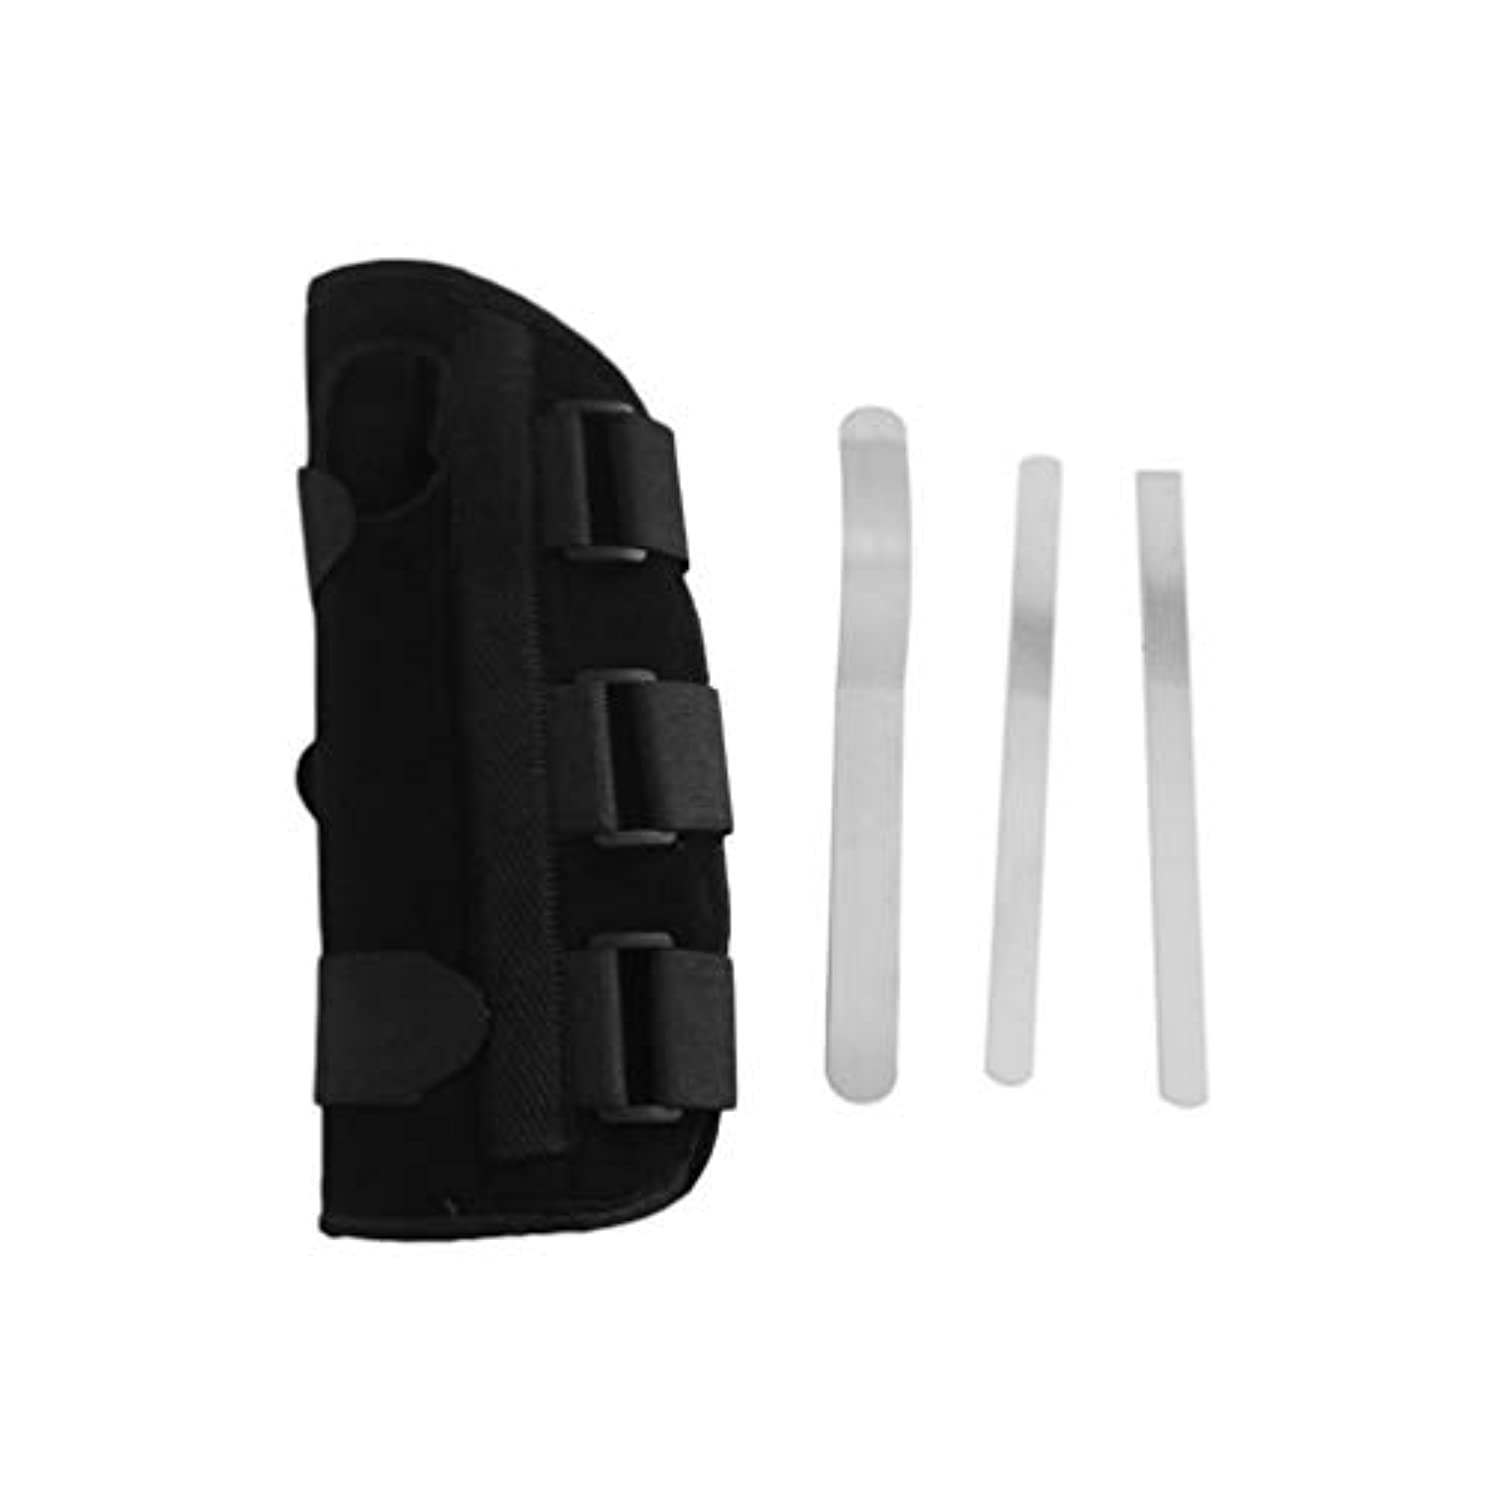 マーケティングスキッパー衣類手首副木ブレース保護サポートストラップカルペルトンネルCTS RSI痛み軽減リムーバブル副木快適な軽量ストラップ - ブラックM